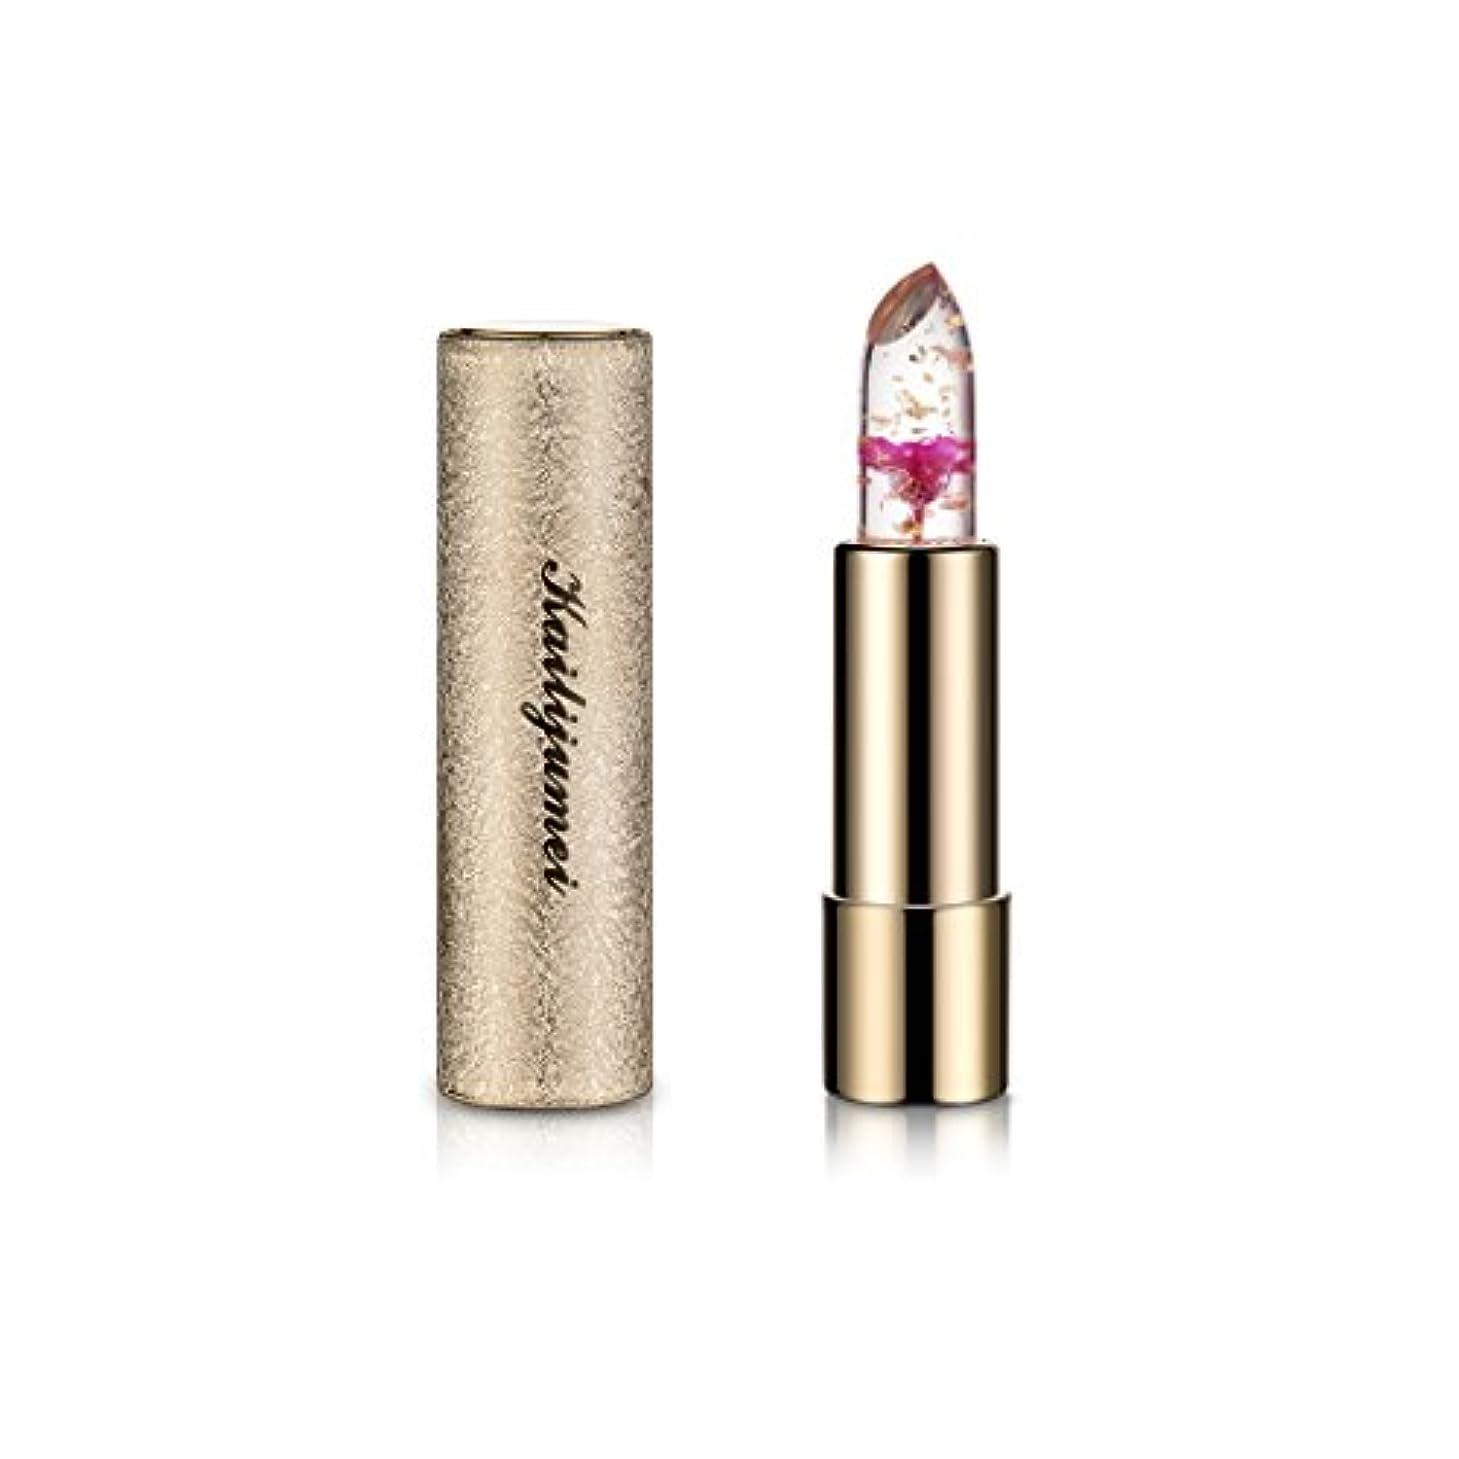 あからさま感謝祭にもかかわらず日本限定モデル 新作 kailijumei magic color lip 日本正規品 マジックカラー 唇の温度で色が変化するリップ 口紅 リップバーム カイリジュメイ ドライフラワー お花 (FLAME RED(レッド))